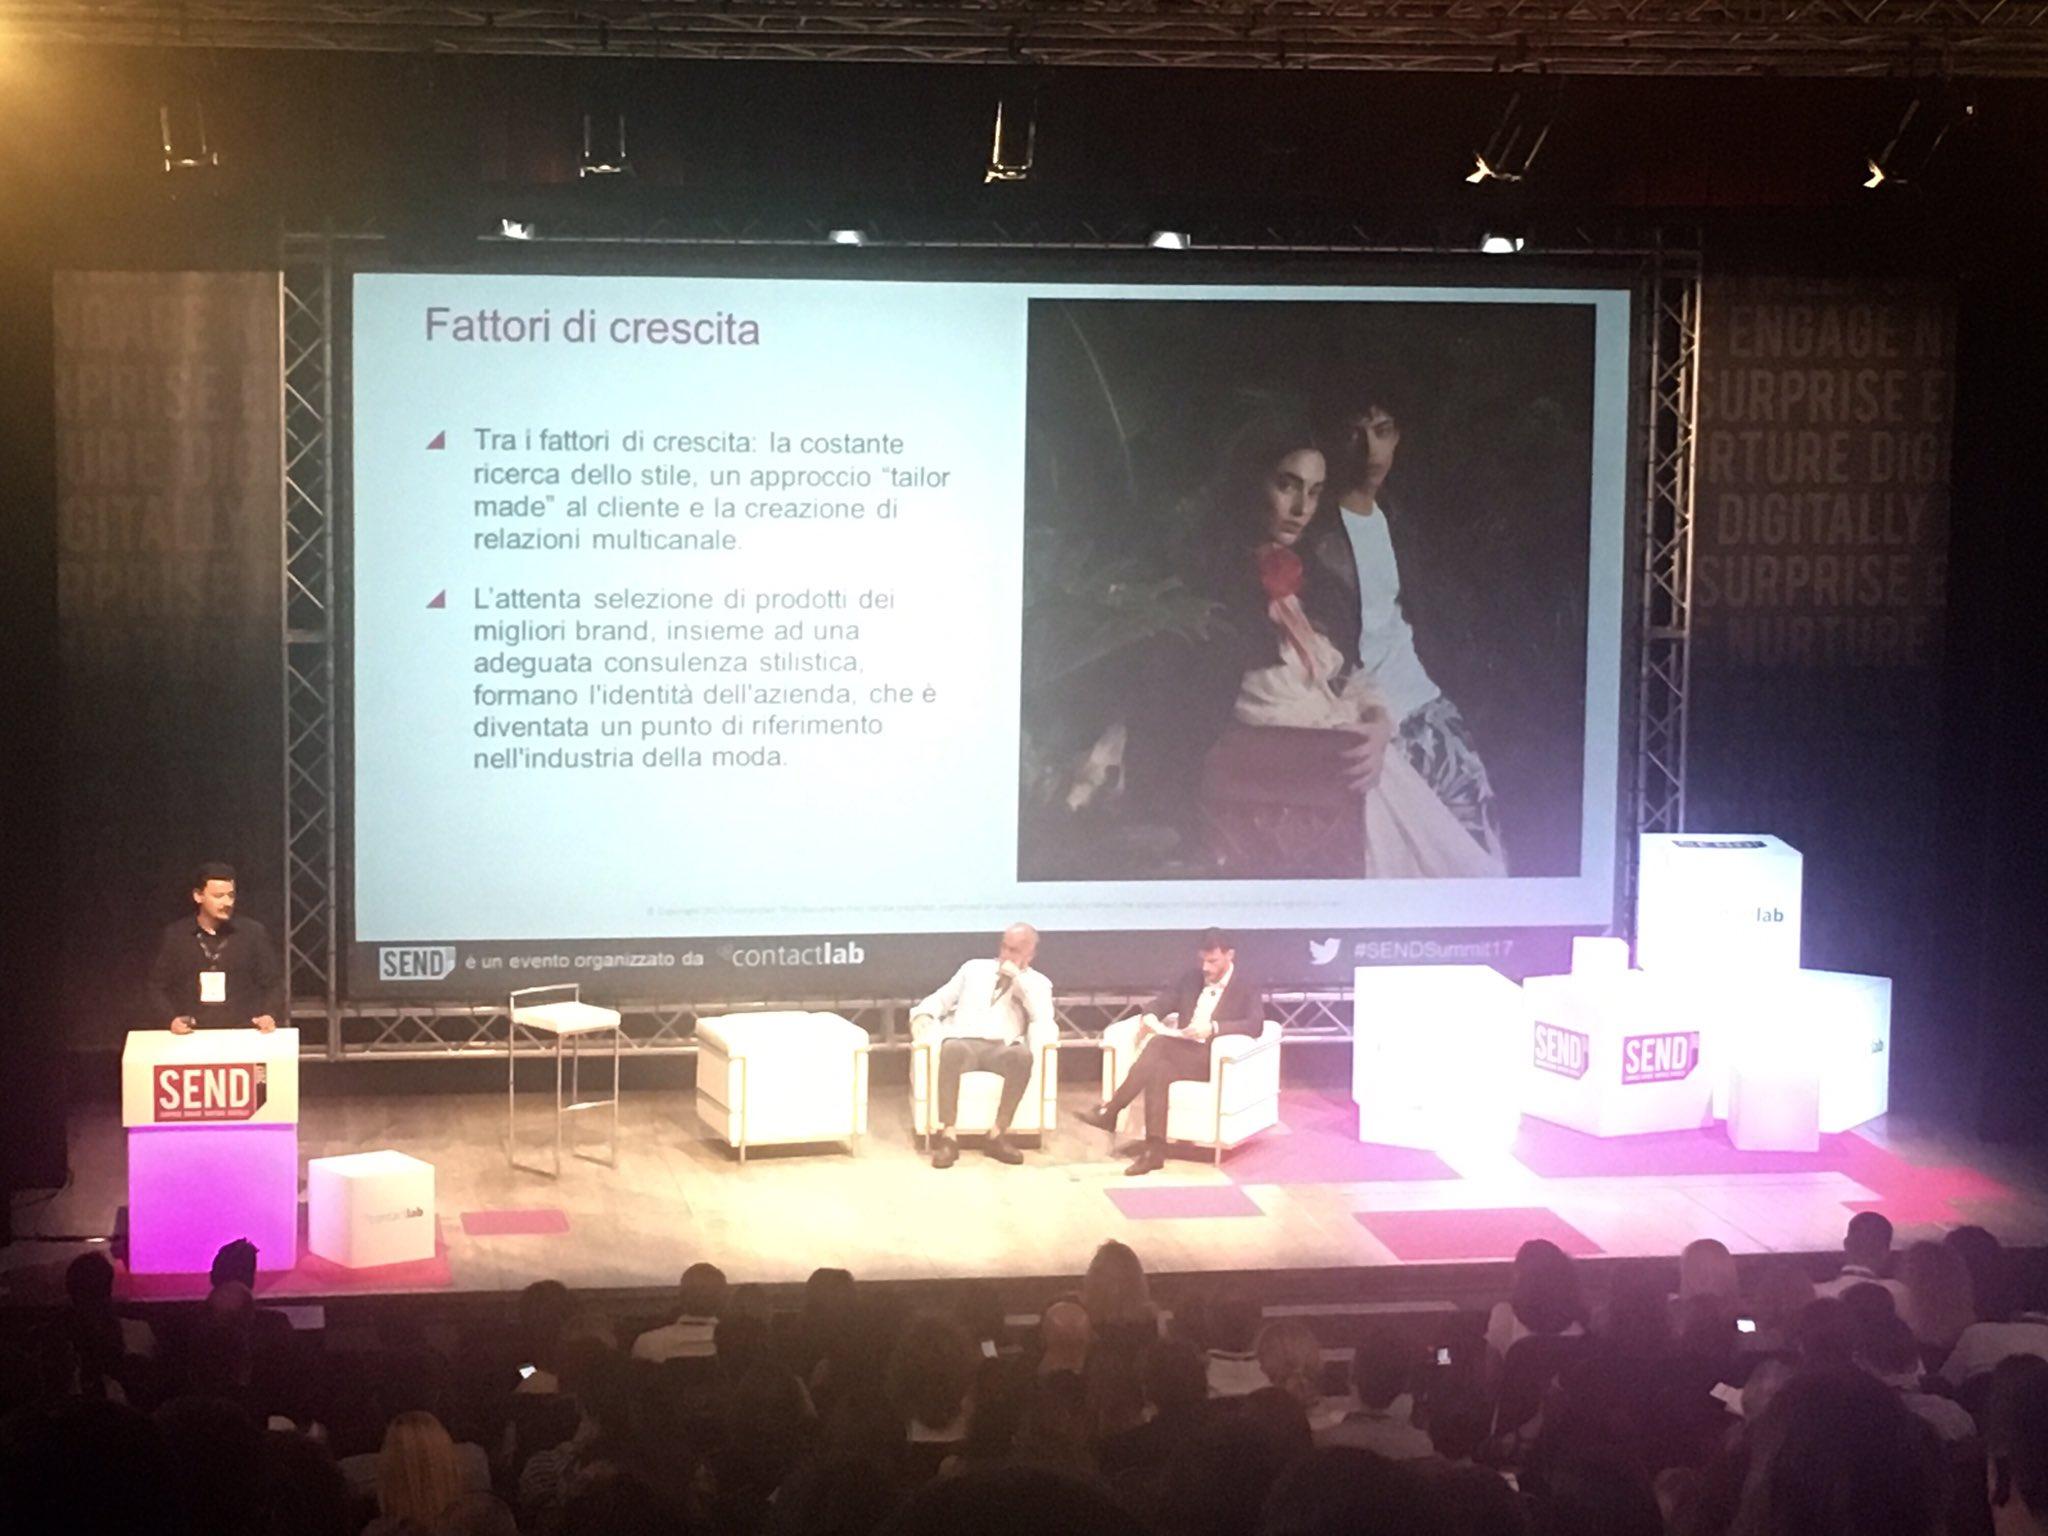 Al #SENDSummit17 si racconta l'esperienza di @ColtortiITA che ha sviluppato gli store of the future a partire dalle boutique storiche https://t.co/DUCCFTJOlo